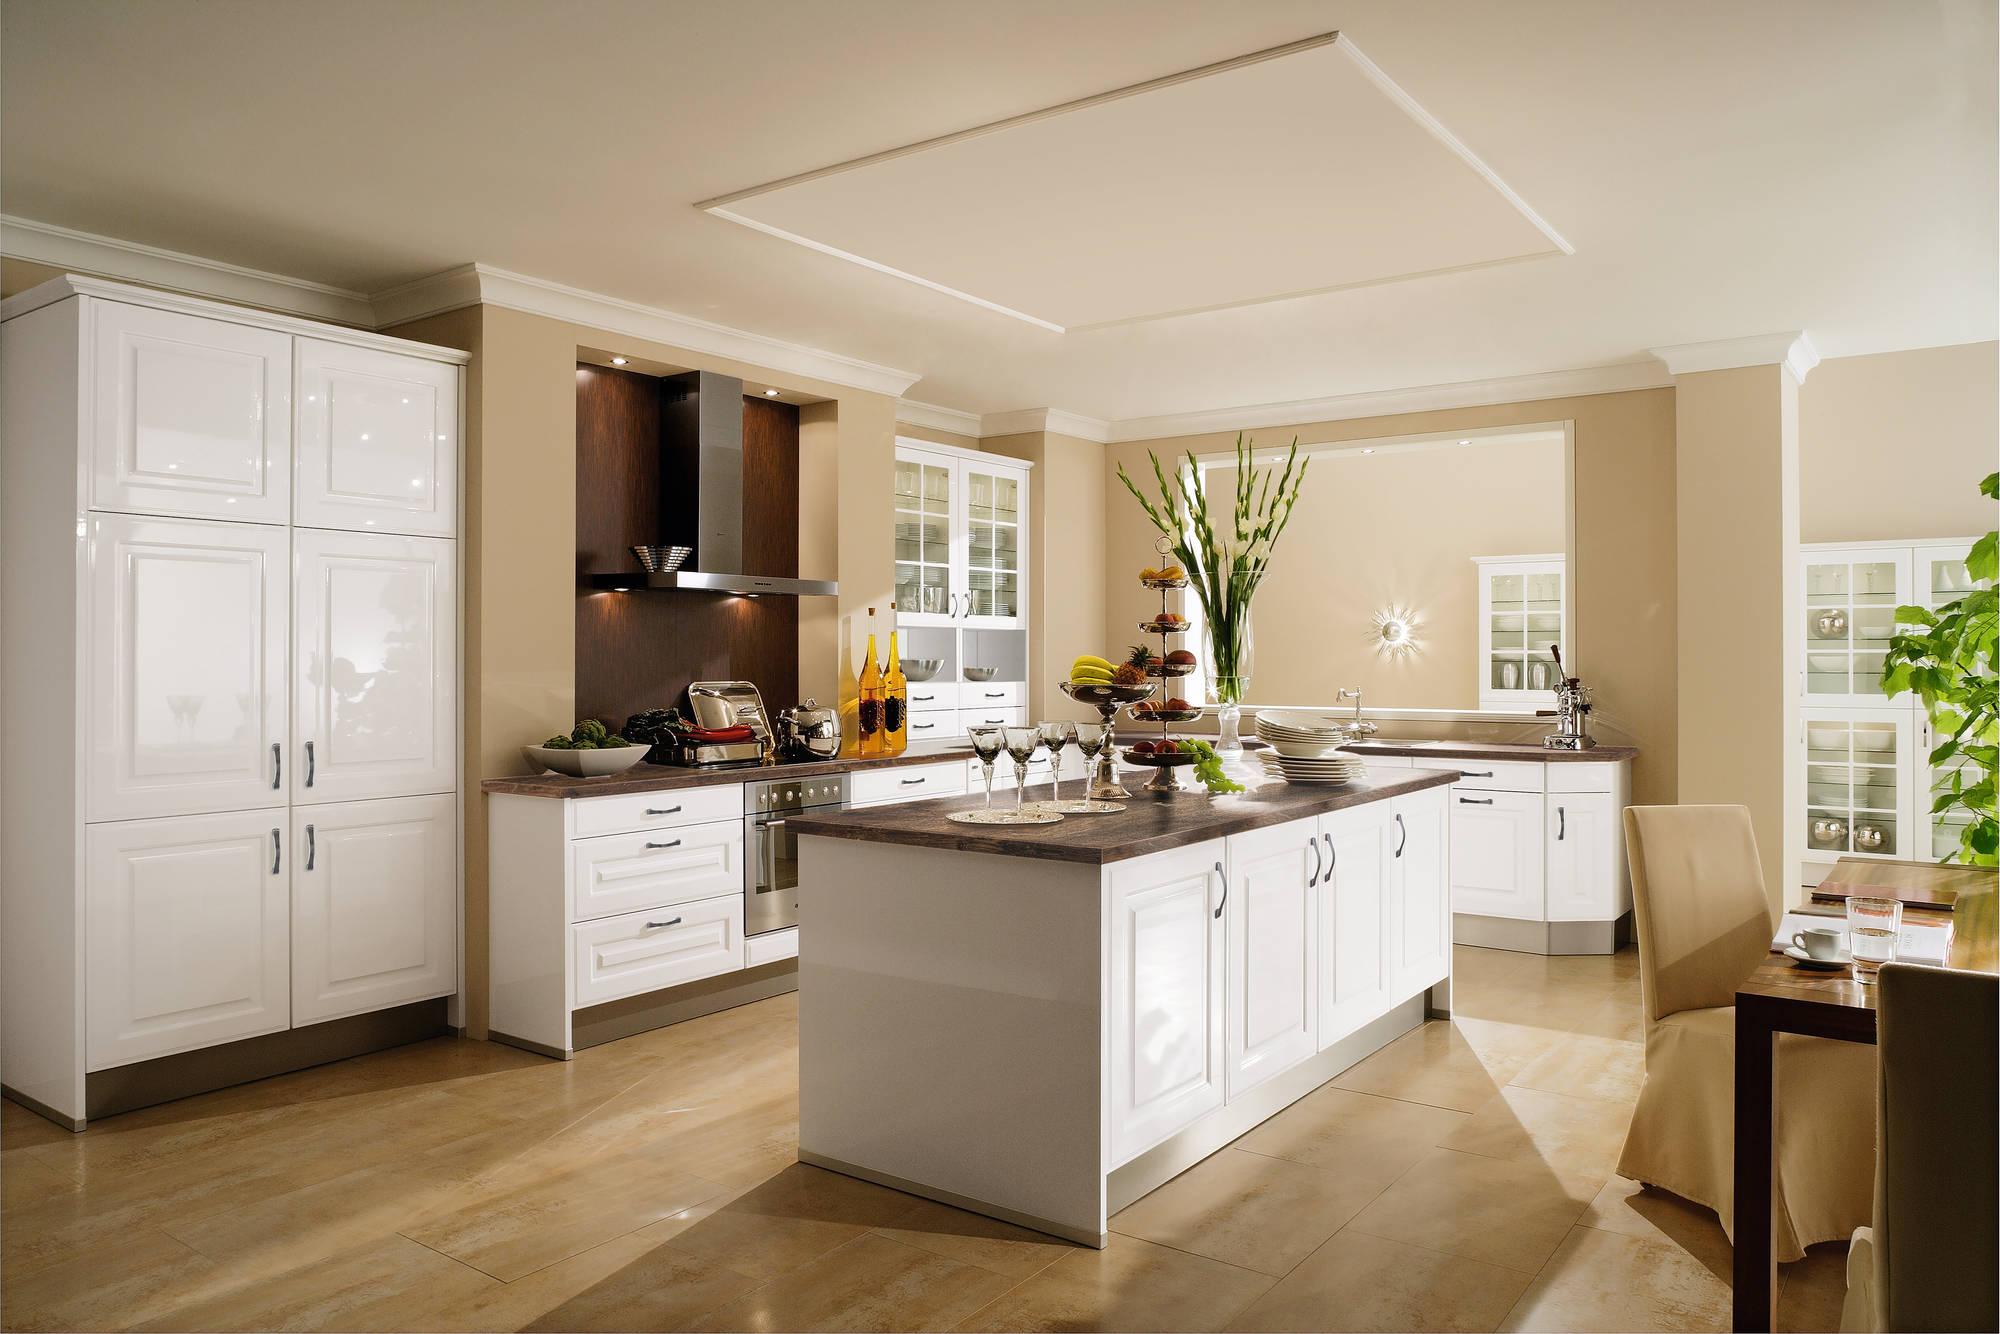 Schublade Küche Aushängen | Retro Küche 60er | Kugellampe ...